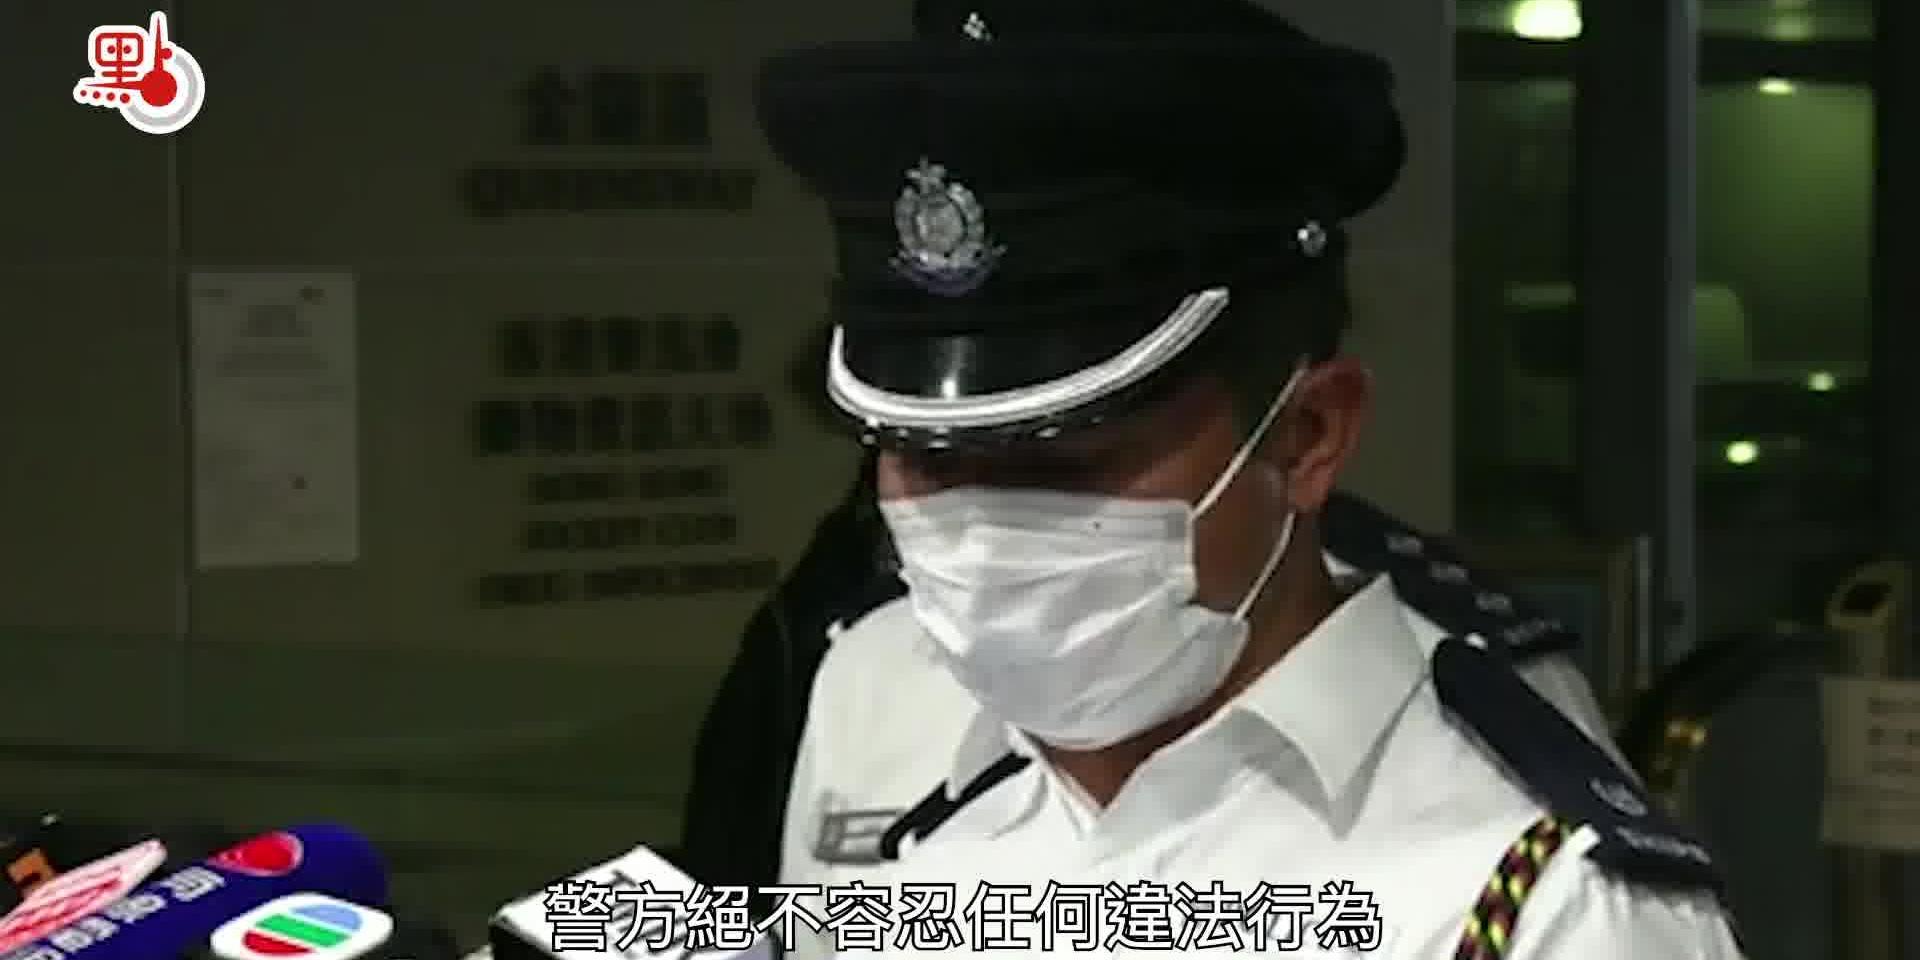 「民陣」煽十一遊行上訴被駁回  警:絕不容忍違法行為